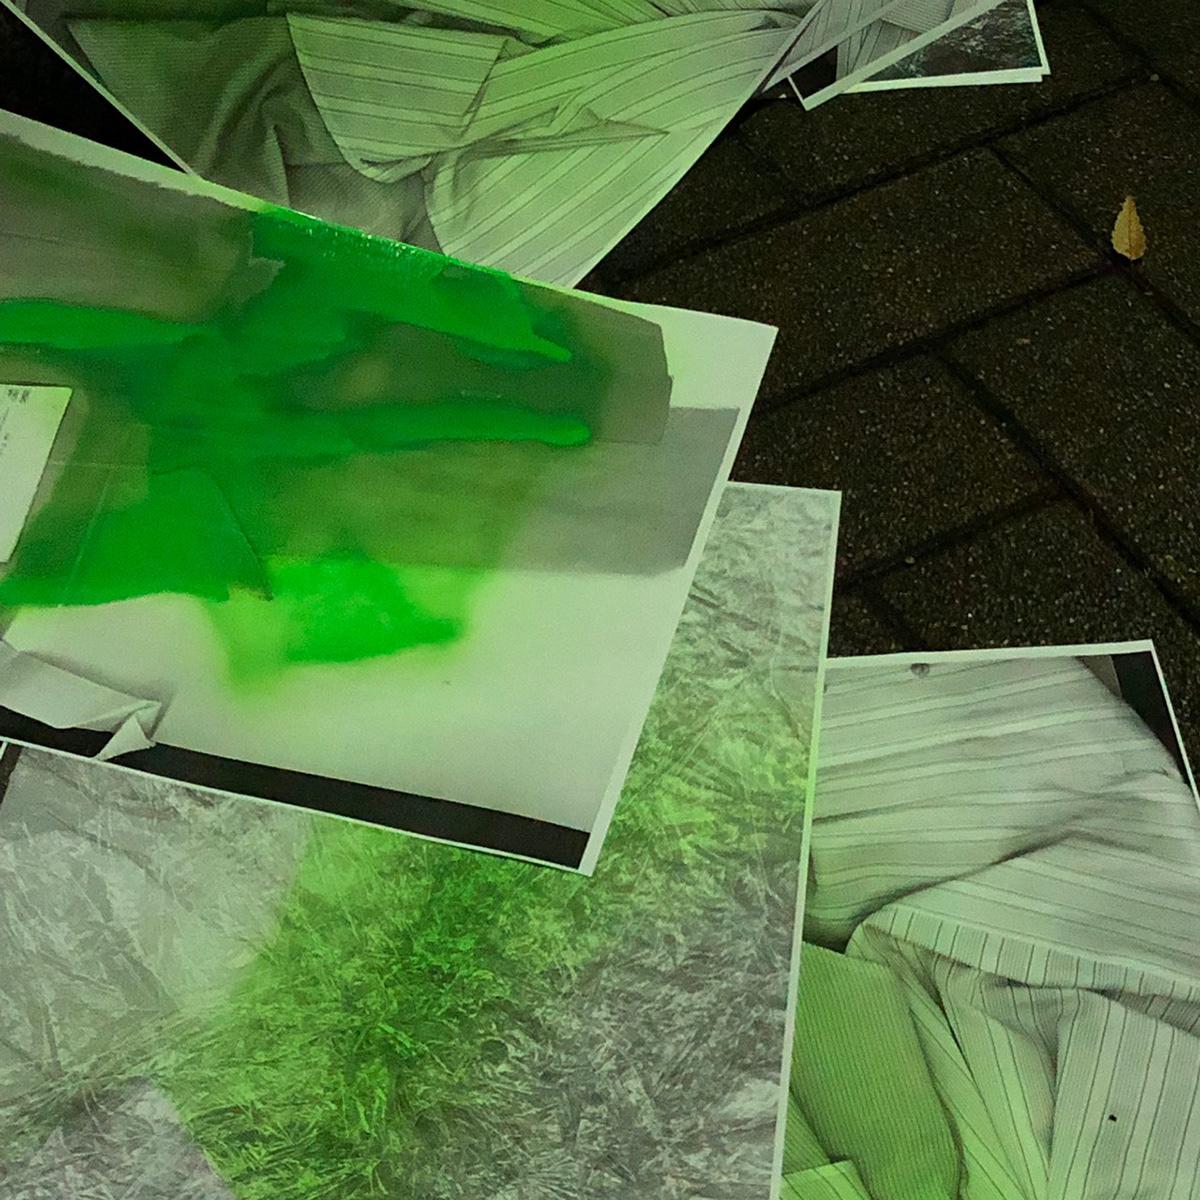 Image may contain: green, art and screenshot